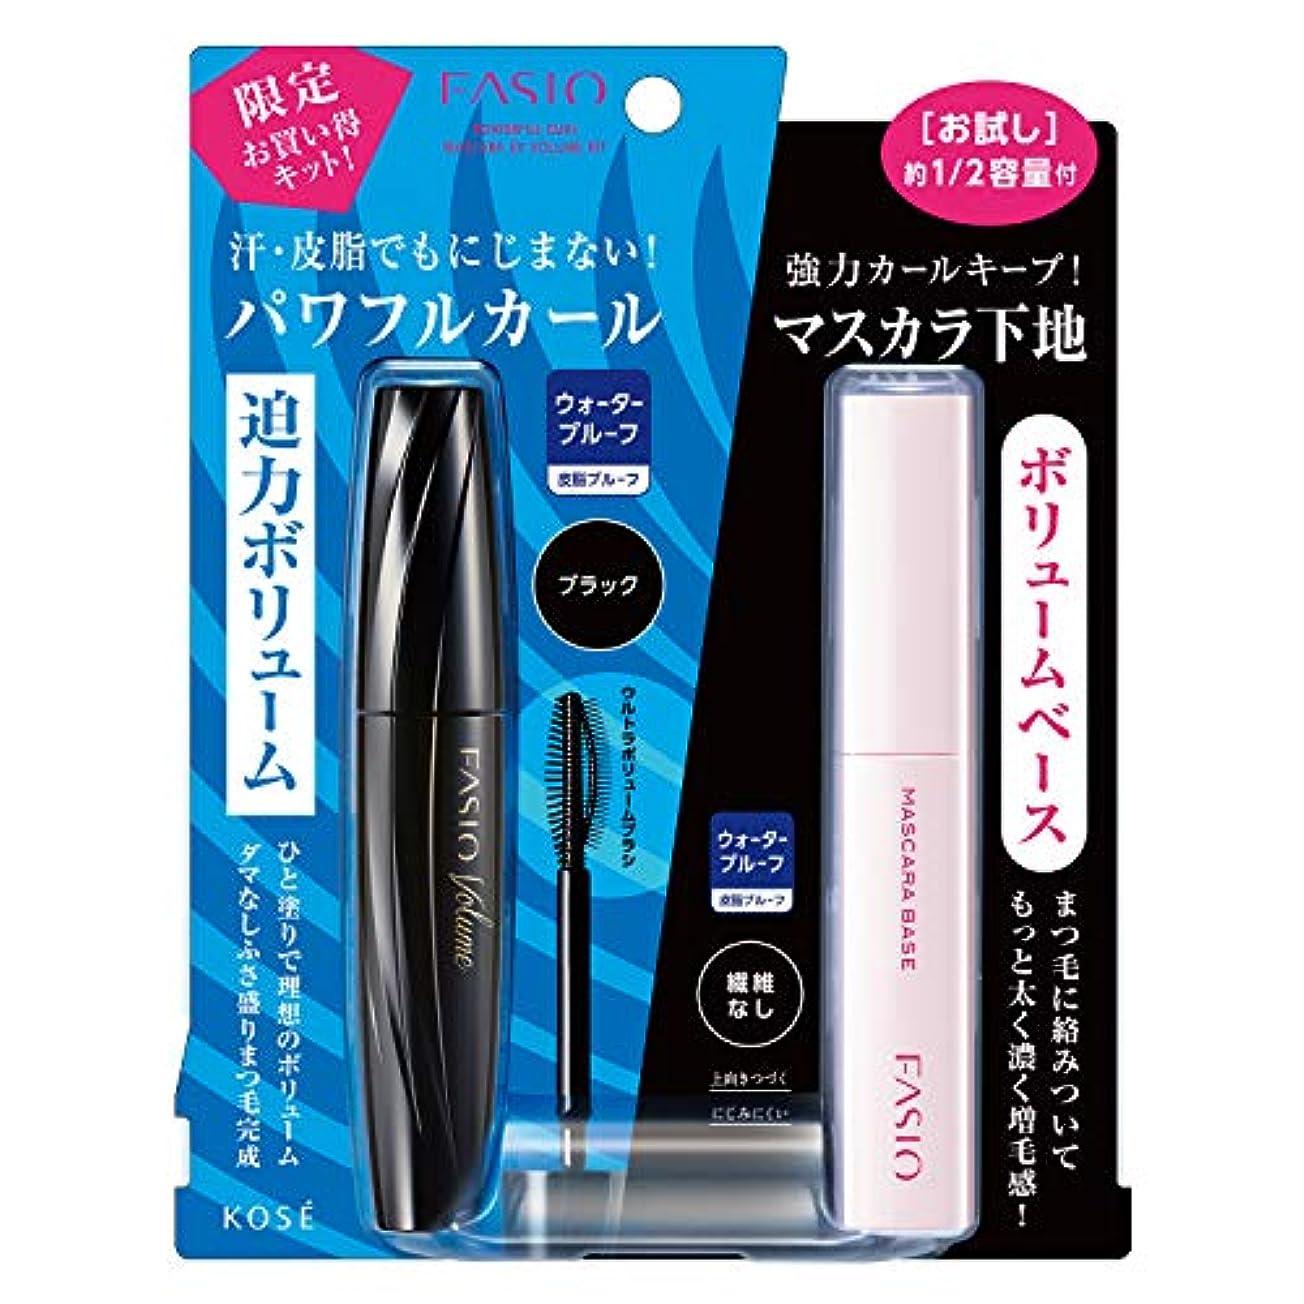 チューインガムスパイ冊子ファシオ パワフルカール マスカラ EX (ボリューム) キット BK001 ブラック